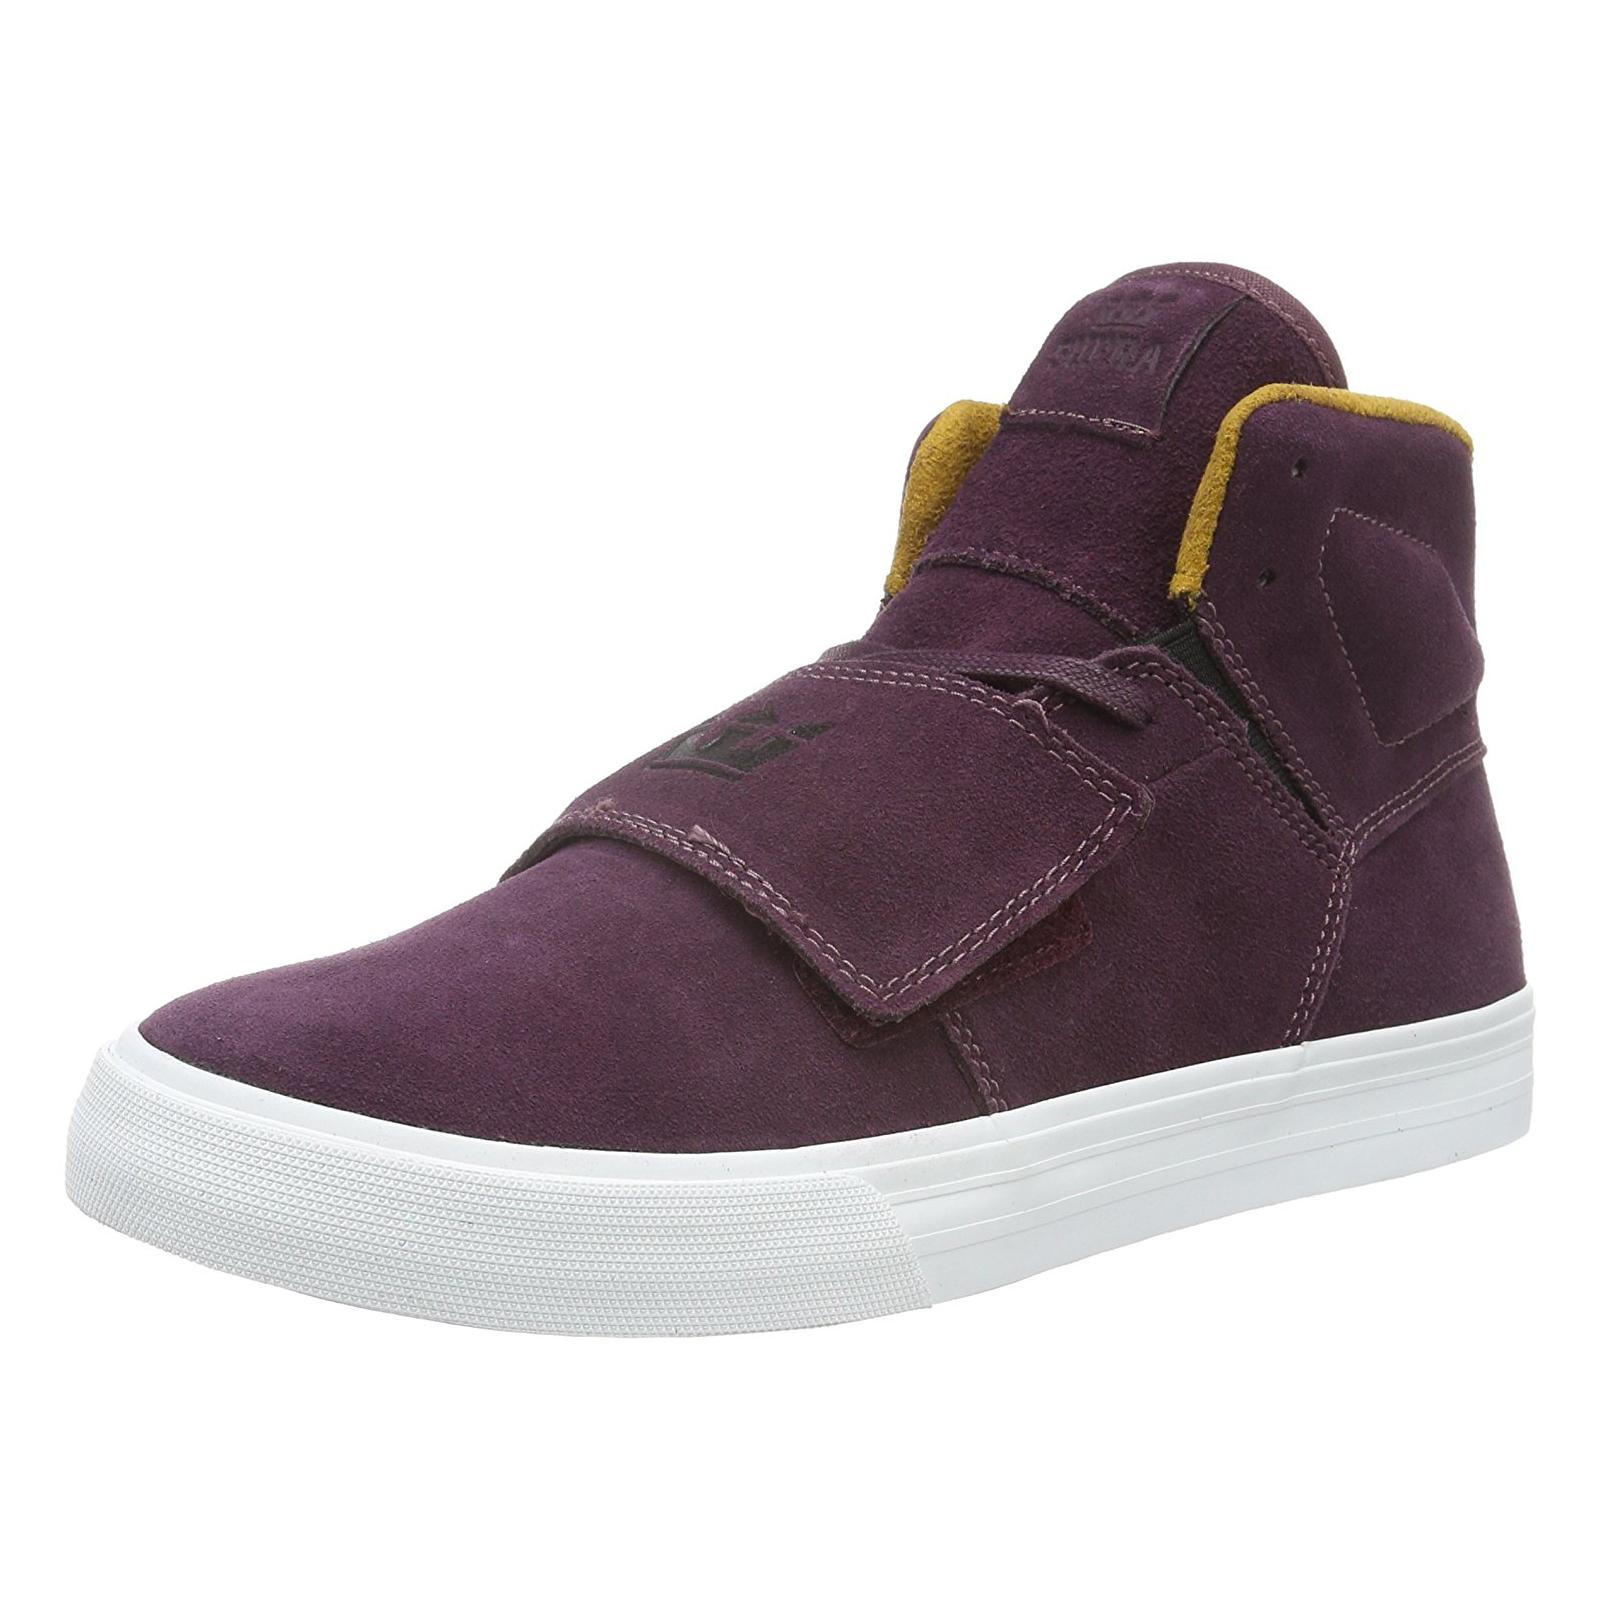 Supra scarpe da ginnastica Rock Burgundy oro-bianca Estate Viola       Exquisite (medio) lavorazione    Uomo/Donne Scarpa  0eef22